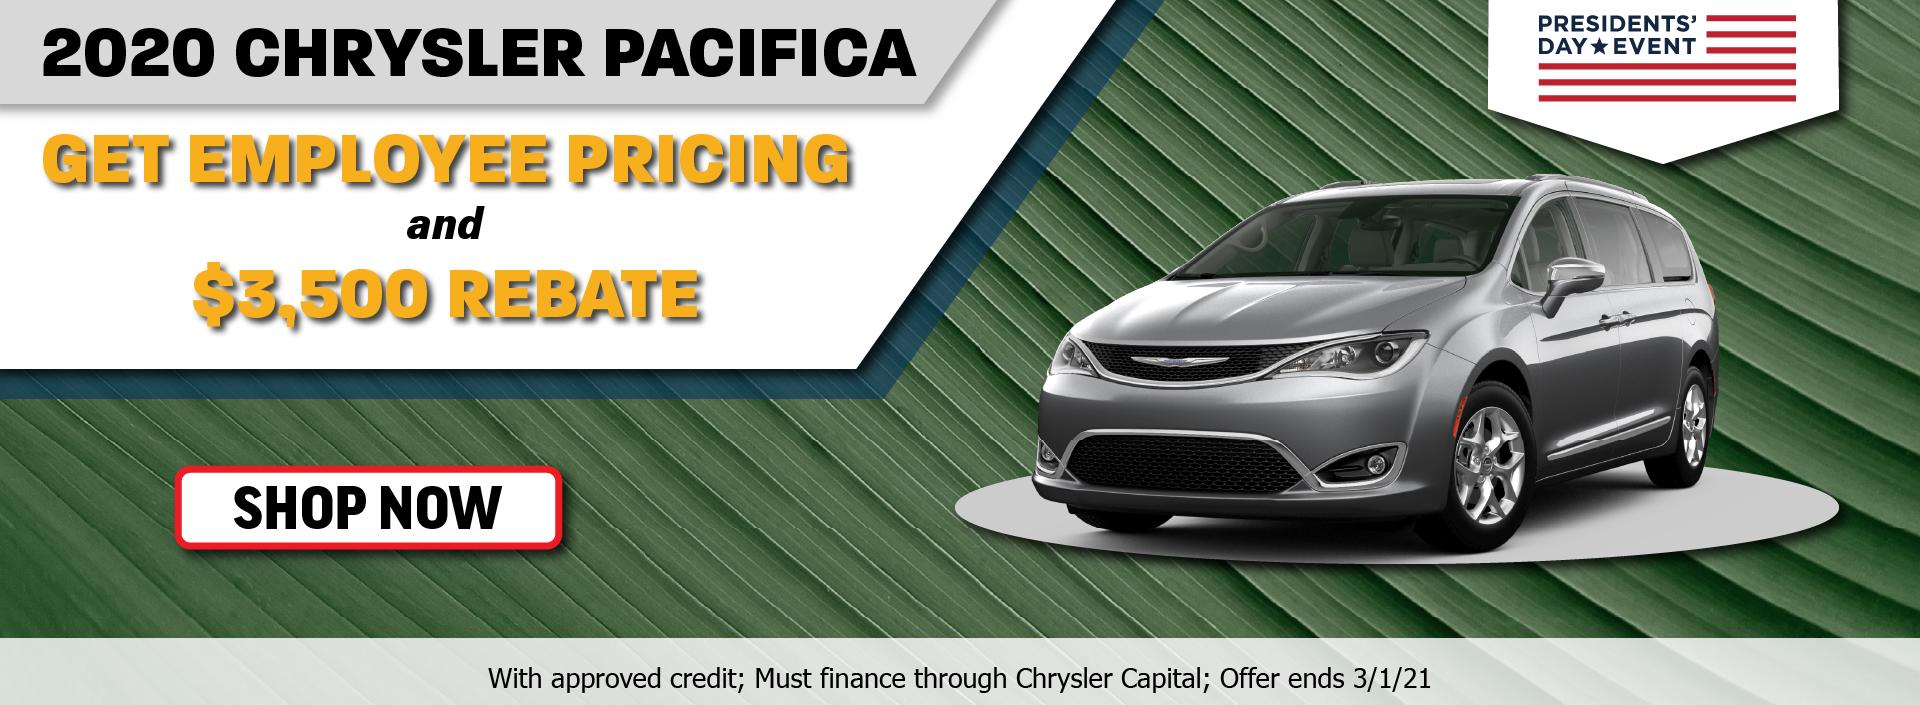 2020 Chrysler Pacifica February